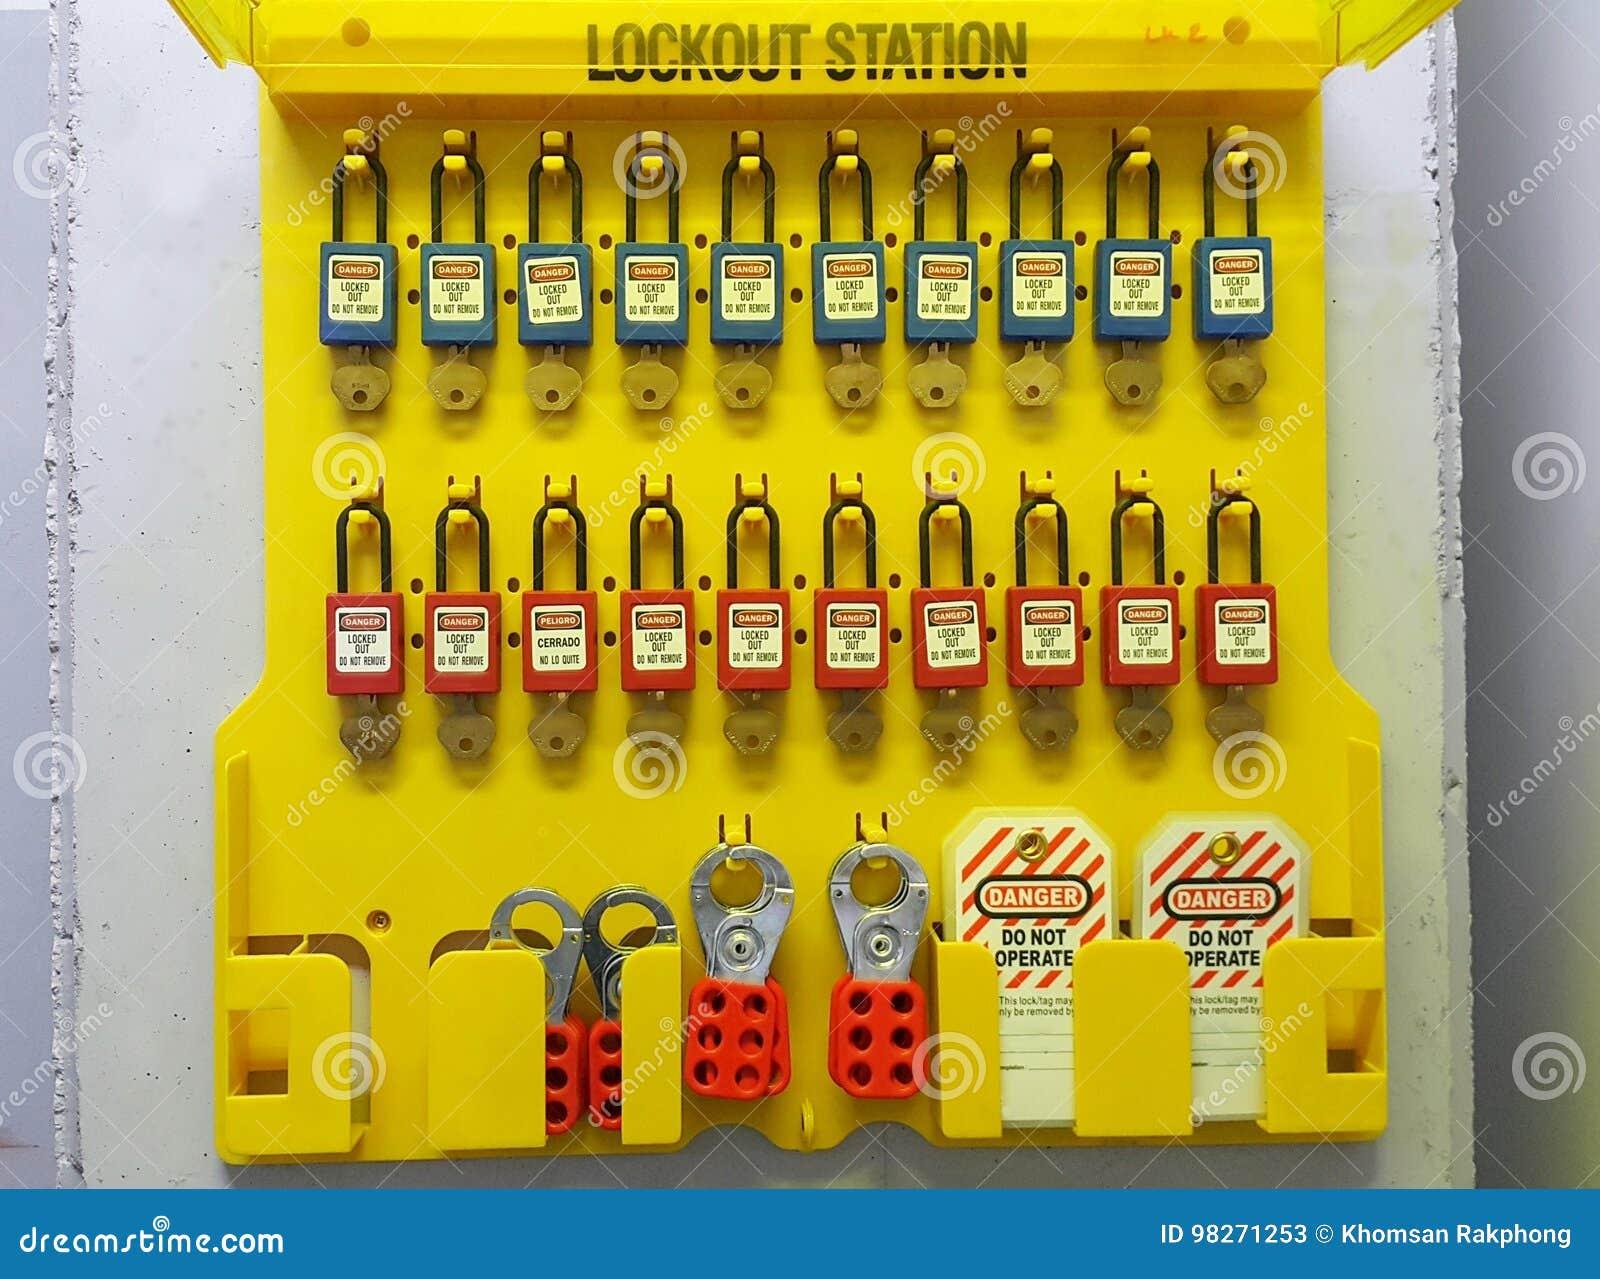 Fermez à clef et étiquetez, station de lock-out, dispositifs propres à une machine de lock-out